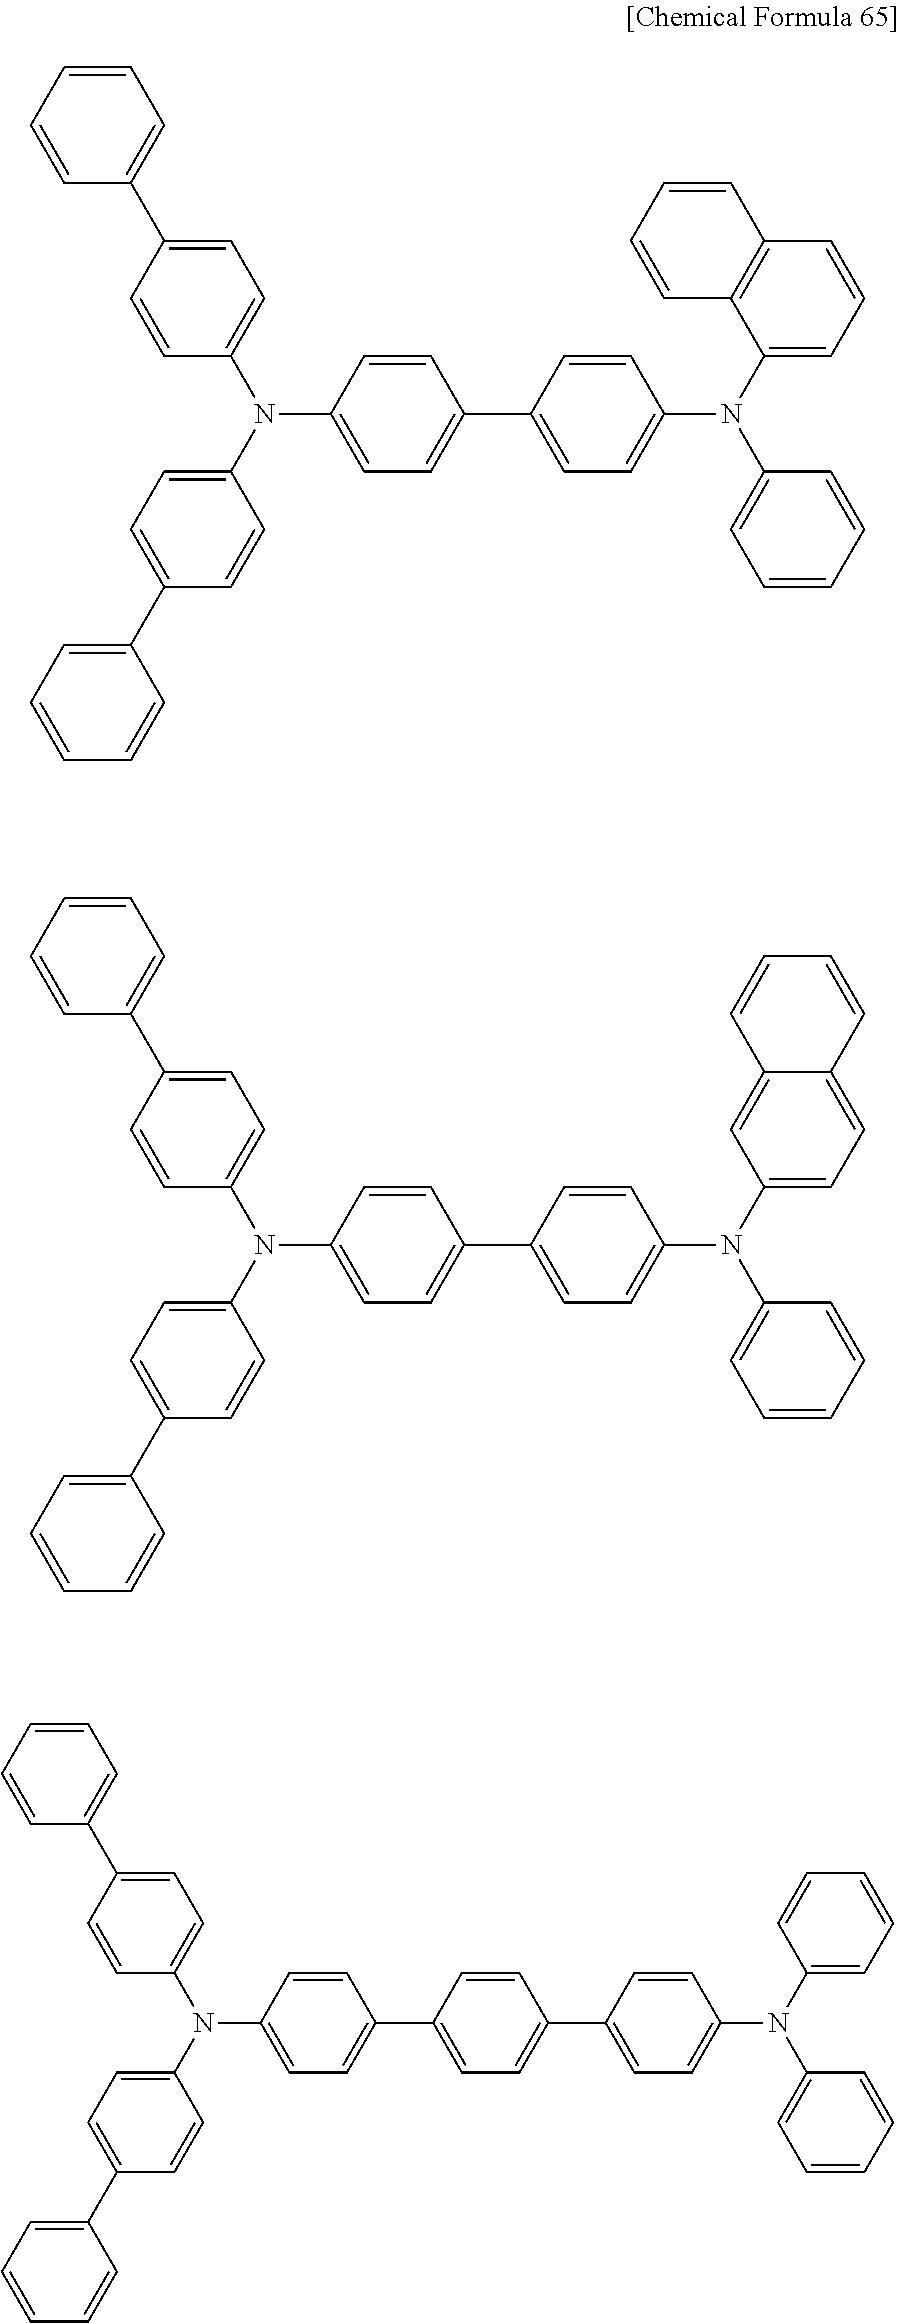 Figure US08568903-20131029-C00687